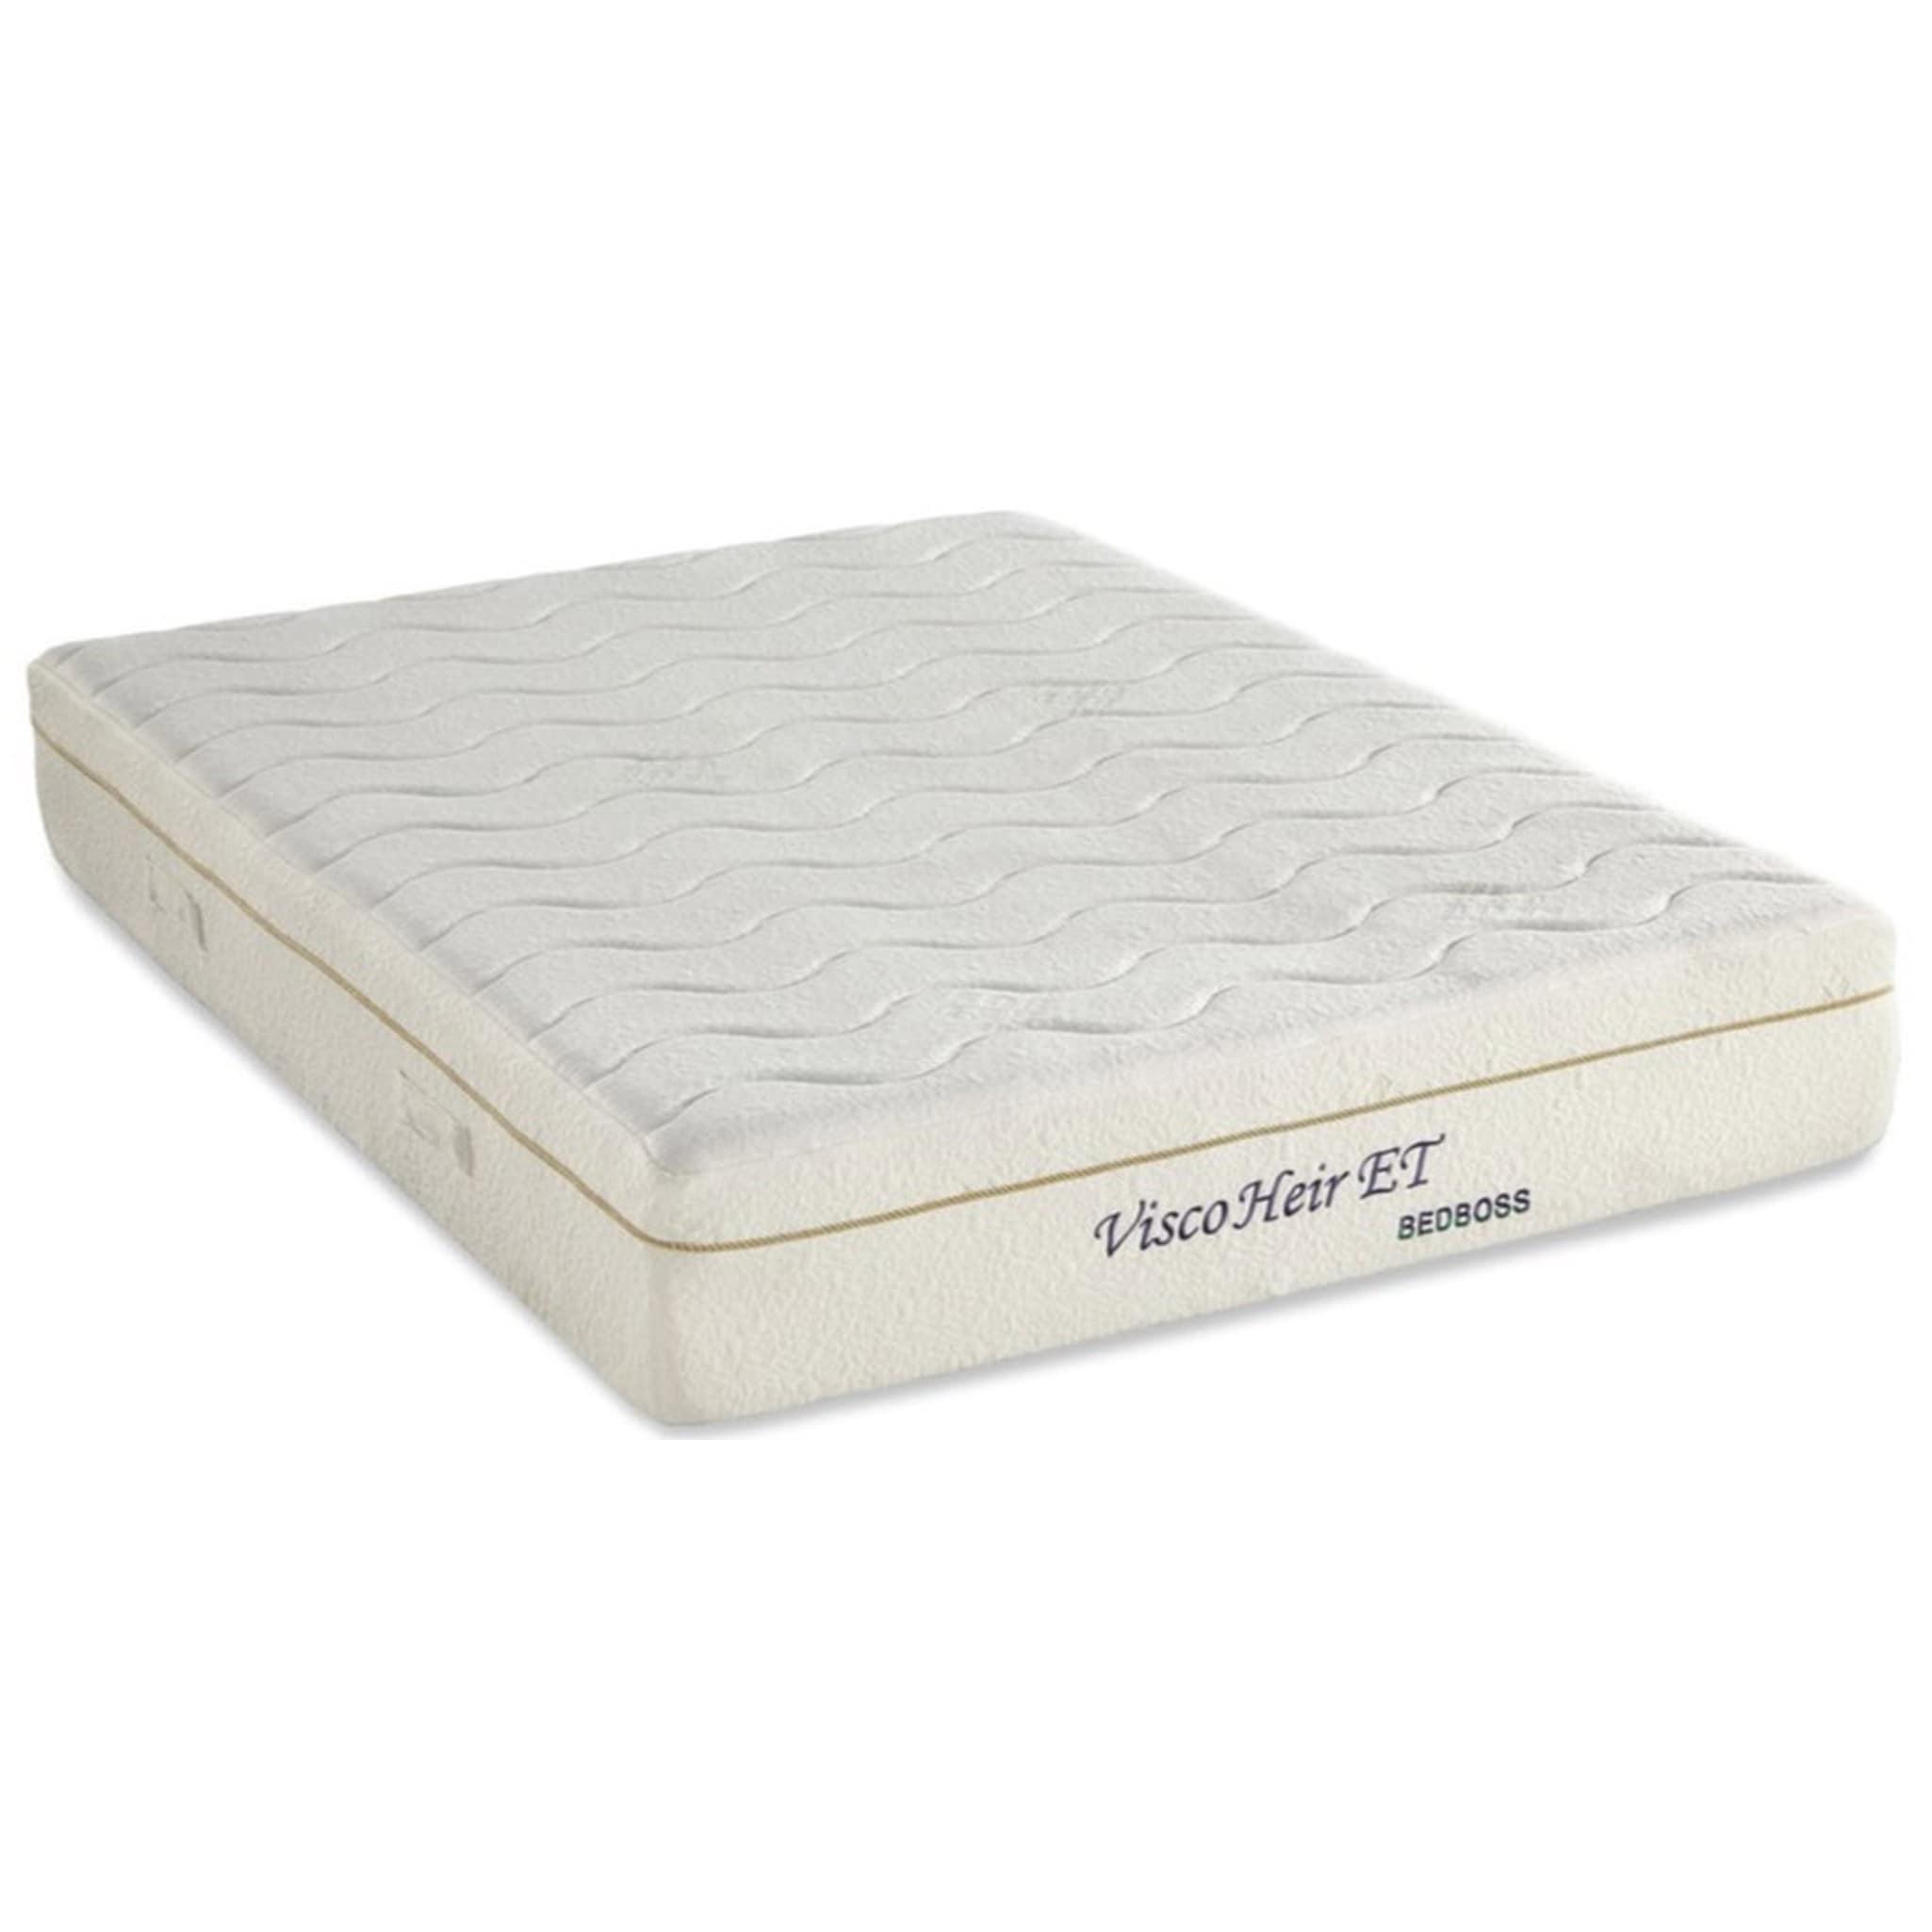 buy online d3da7 81a6a Bed Boss Visco Heir ET 11-inch Queen-size Memory Foam Mattress - Multicolor